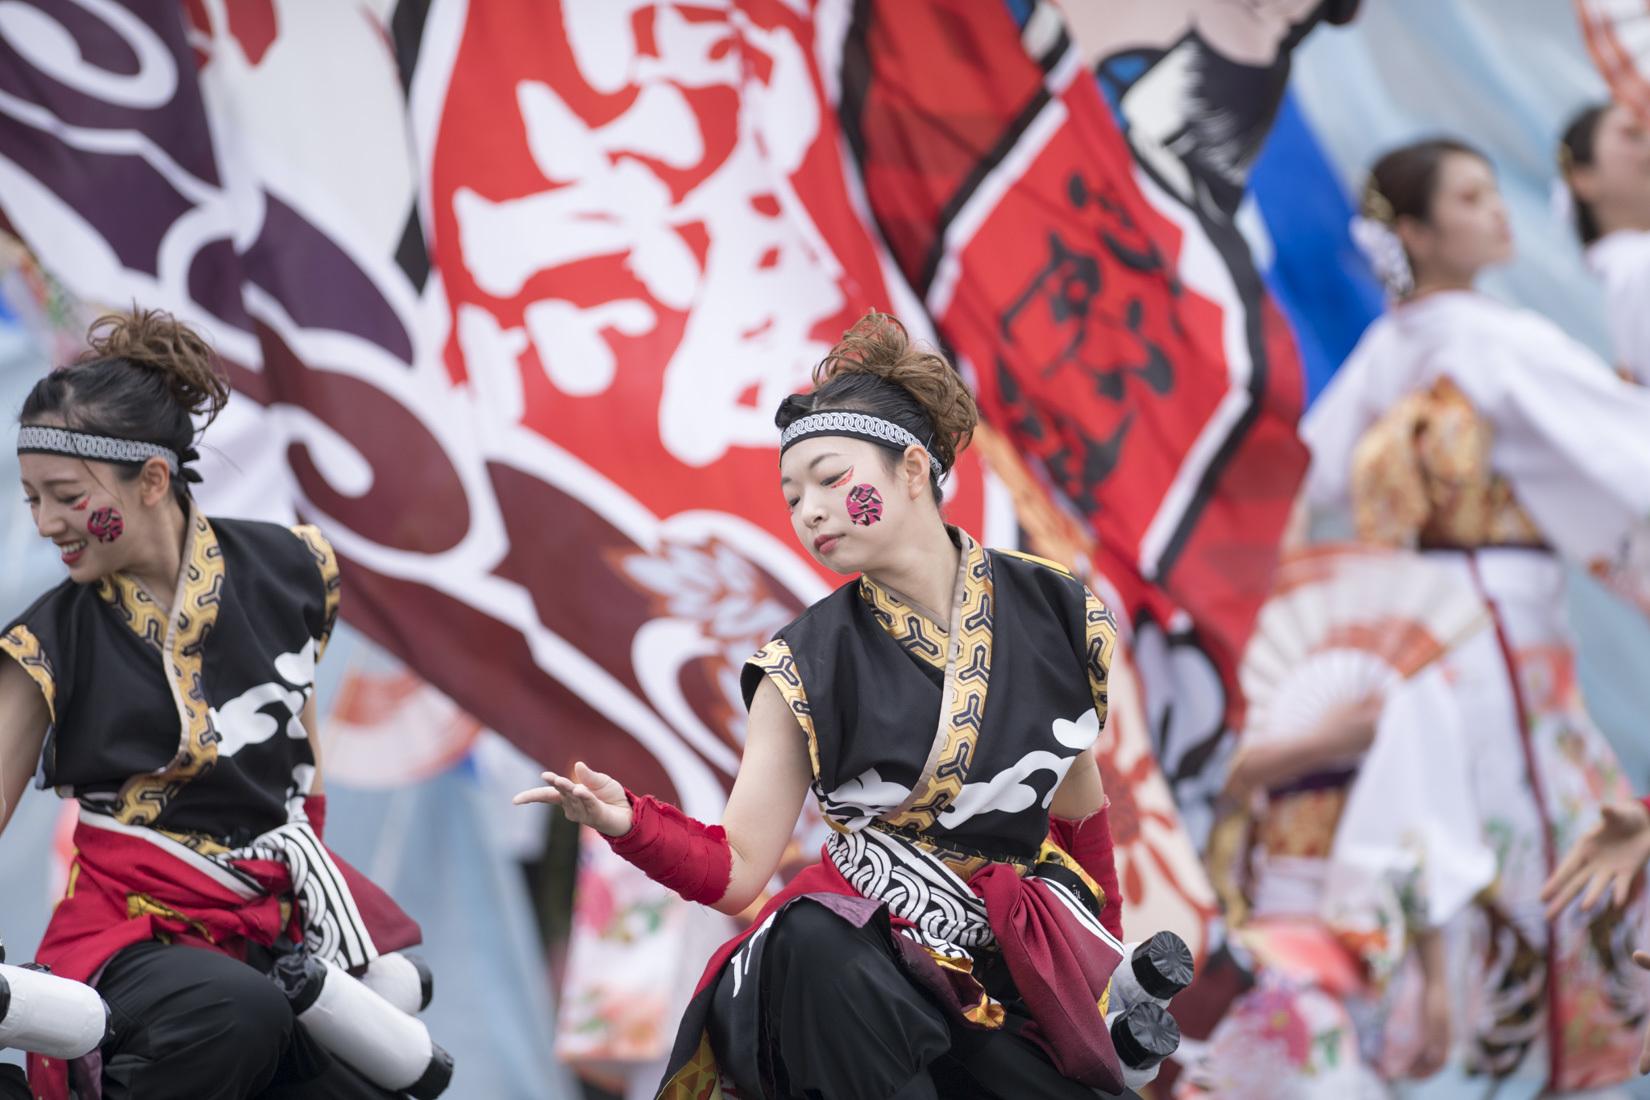 2019 犬山踊芸祭『浜松学生連 鰻陀羅』_f0184198_00134297.jpg